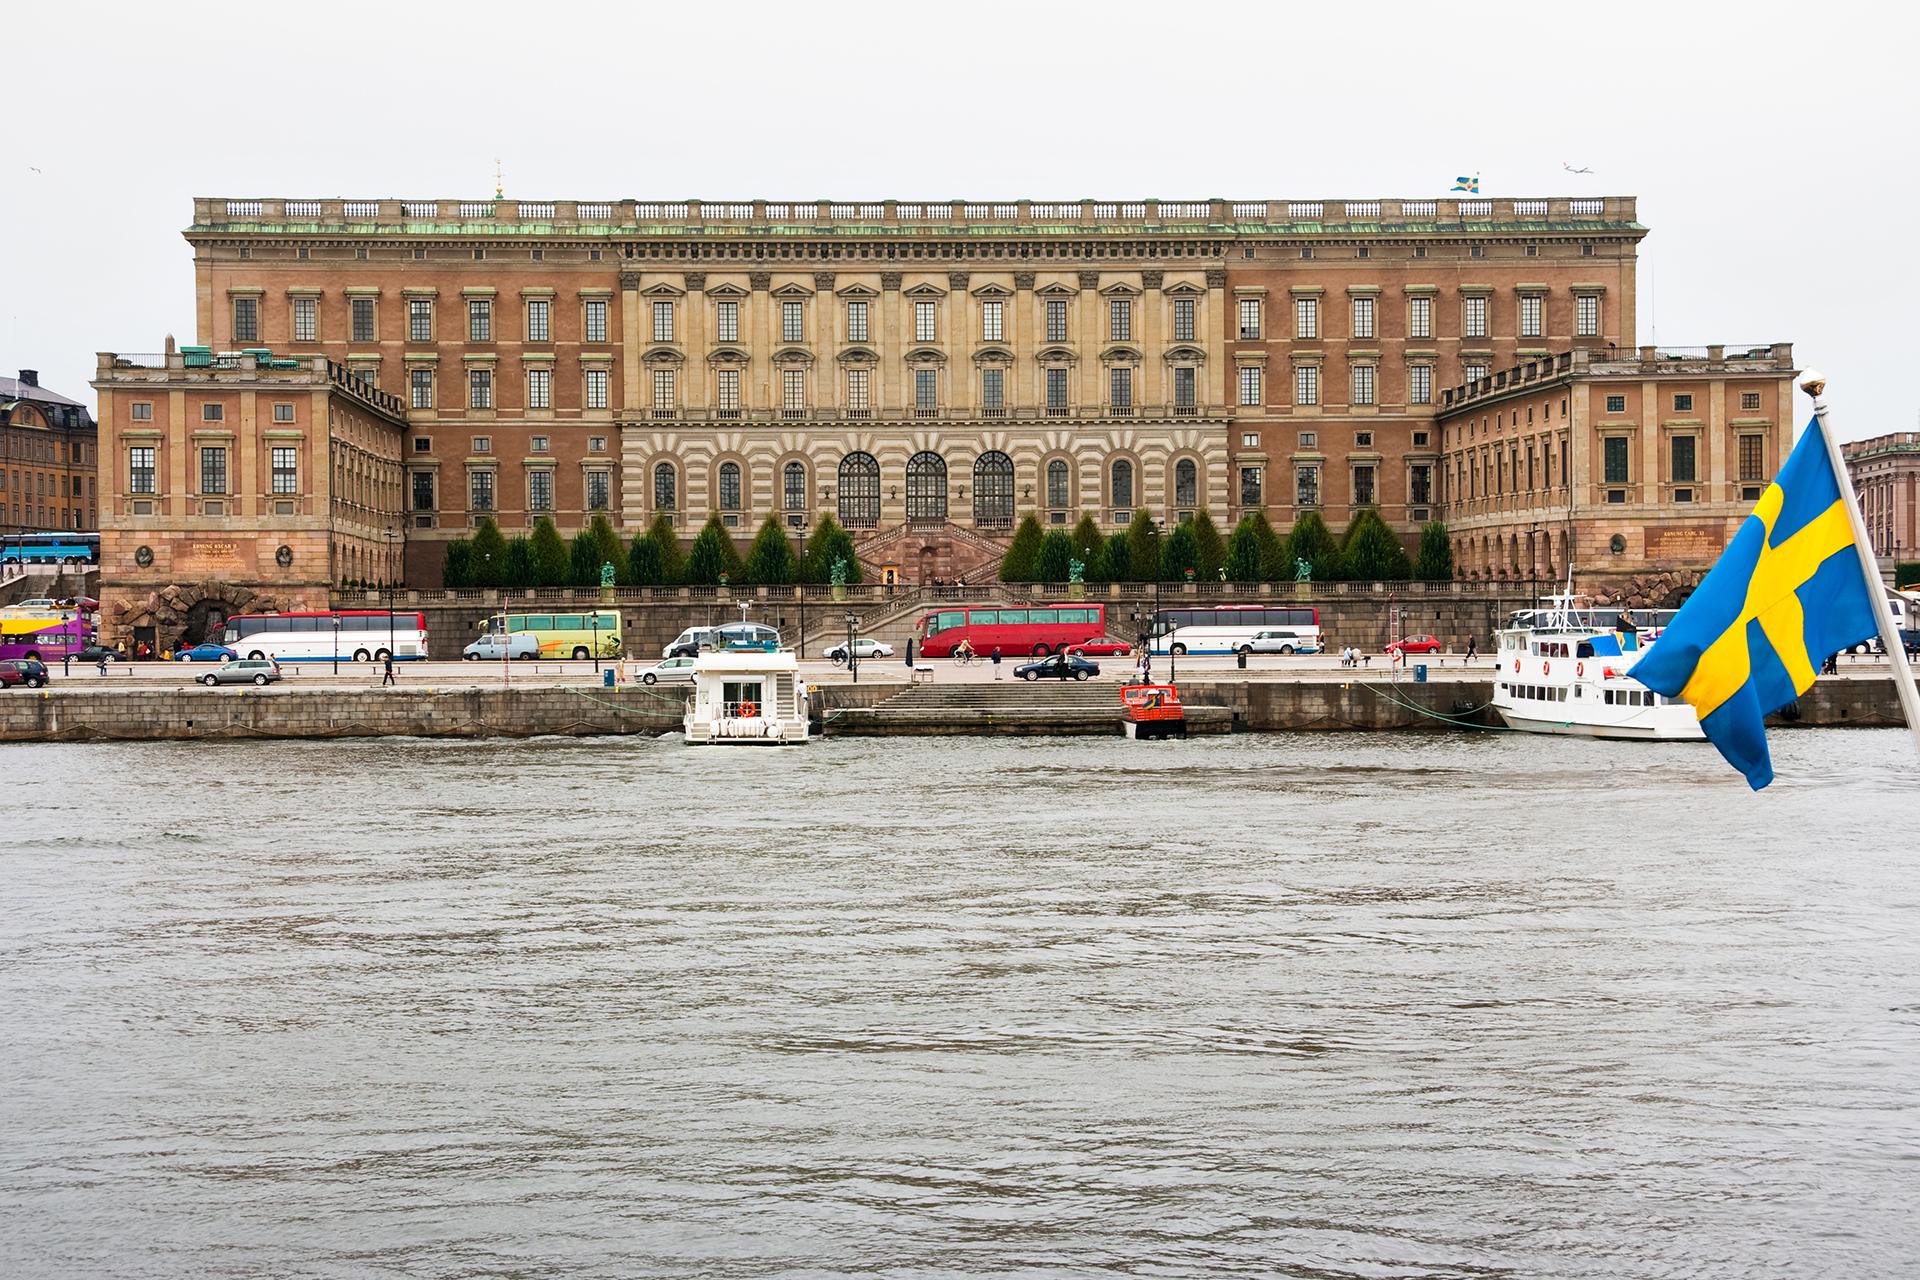 El Palacio Real de Estocolmo (o Slottet, en sueco) es el principal edificio representativo de la monarquía sueca